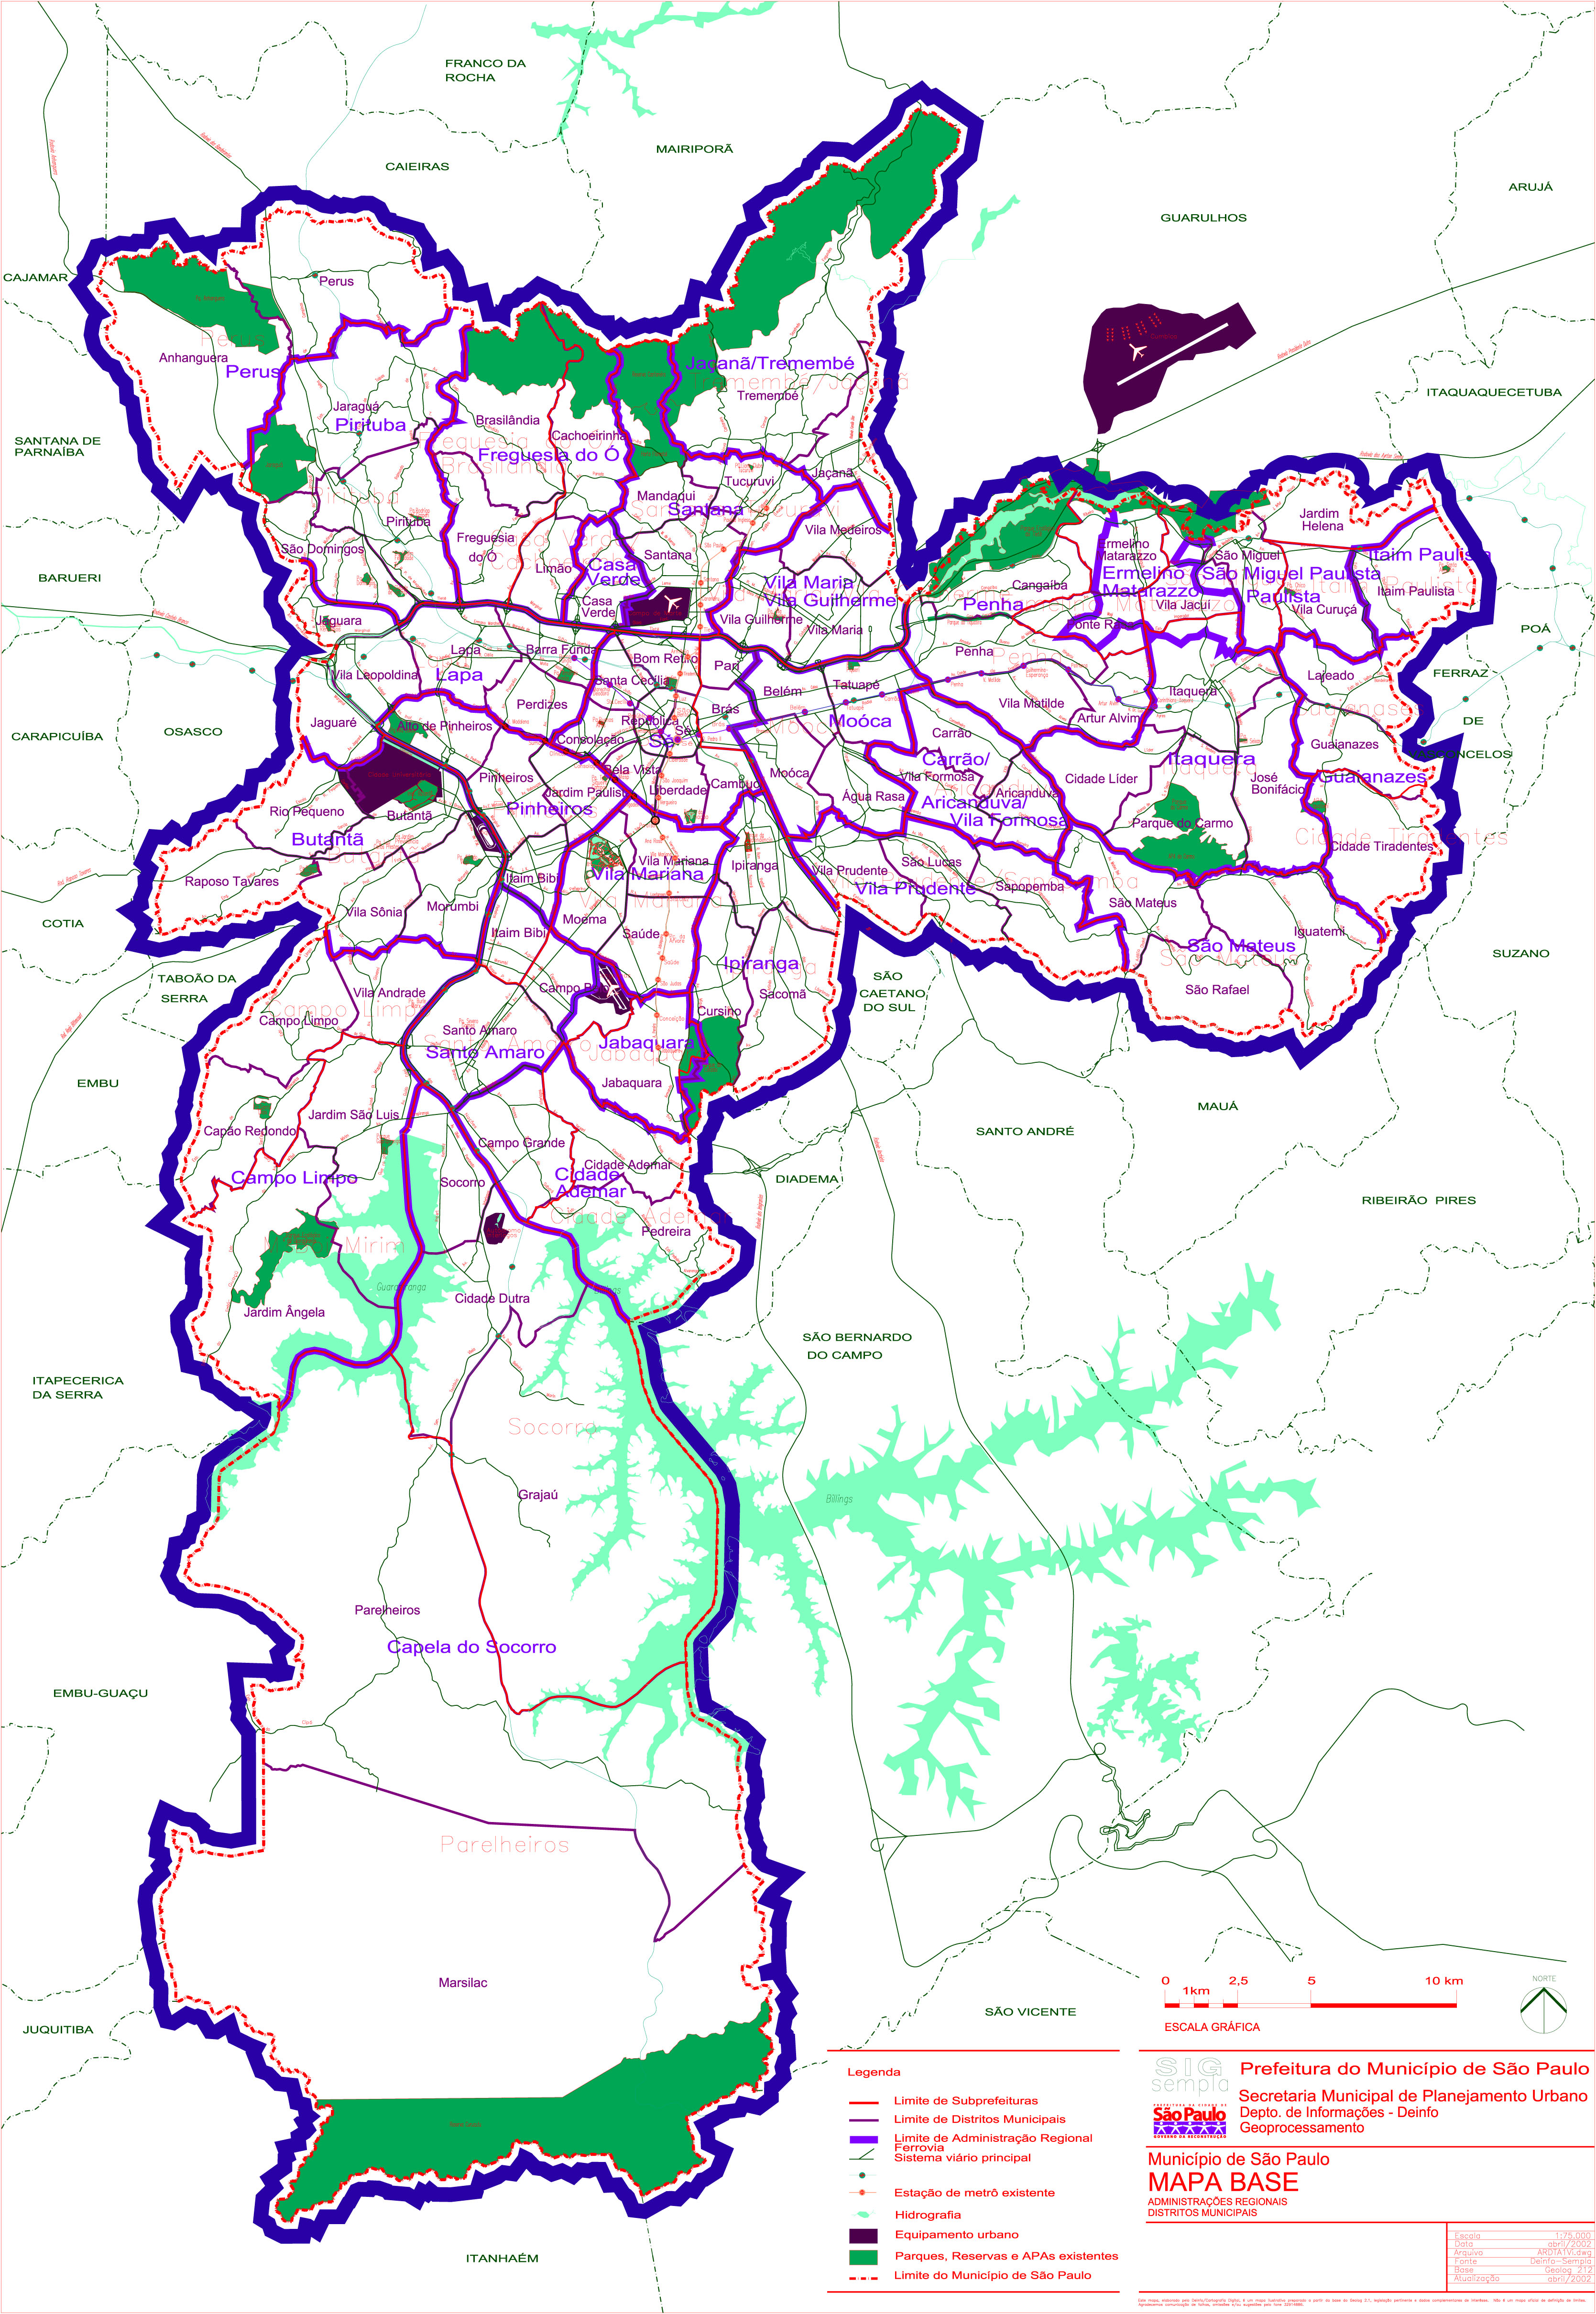 São Paulo City Base Map, Brazil